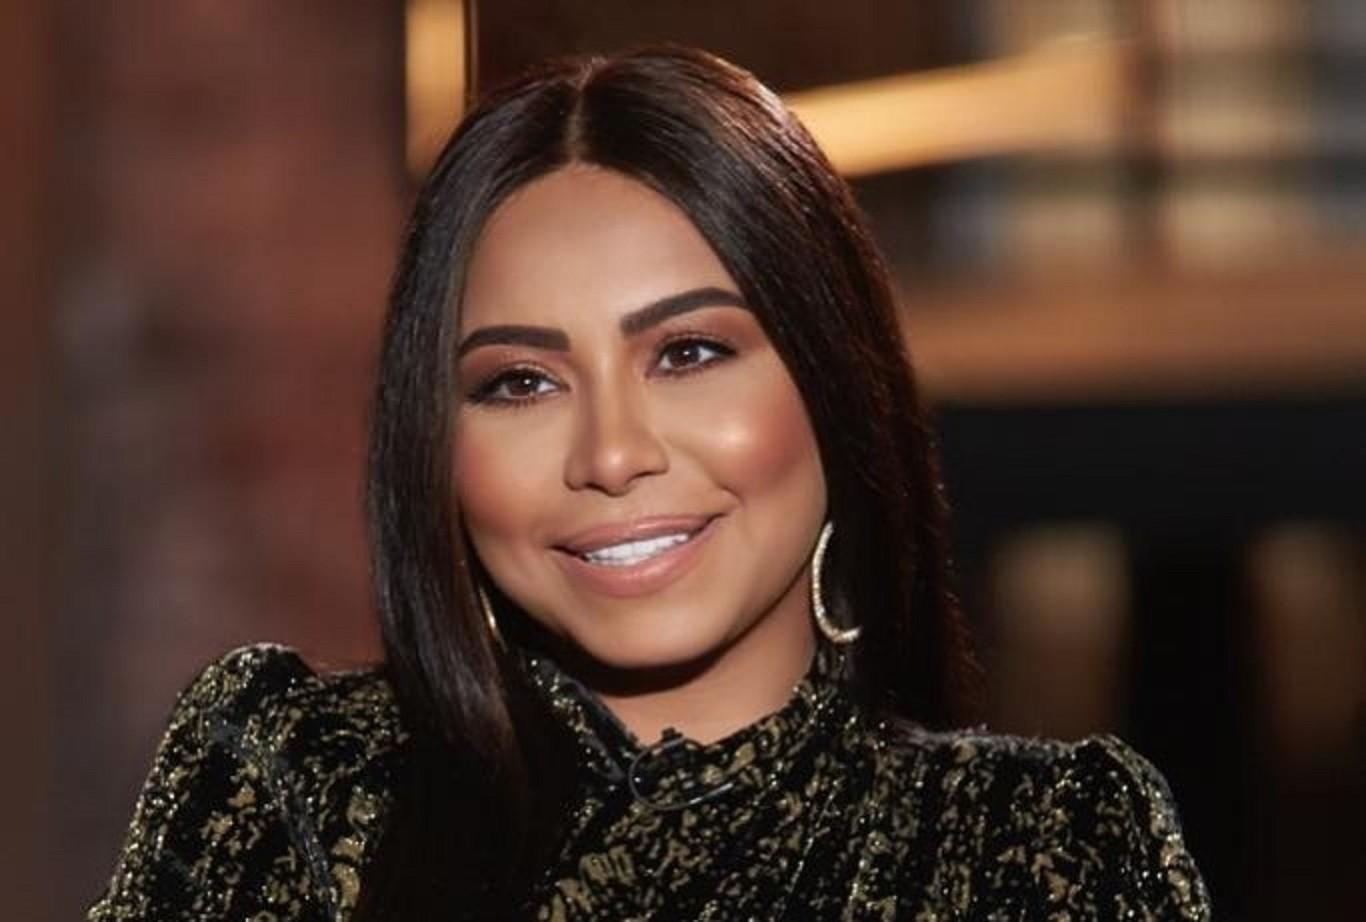 نقابة المهن الموسيقية توضح حقيقة رفض شيرين عبد الوهاب الإعتذار عن إساءتها لمصر